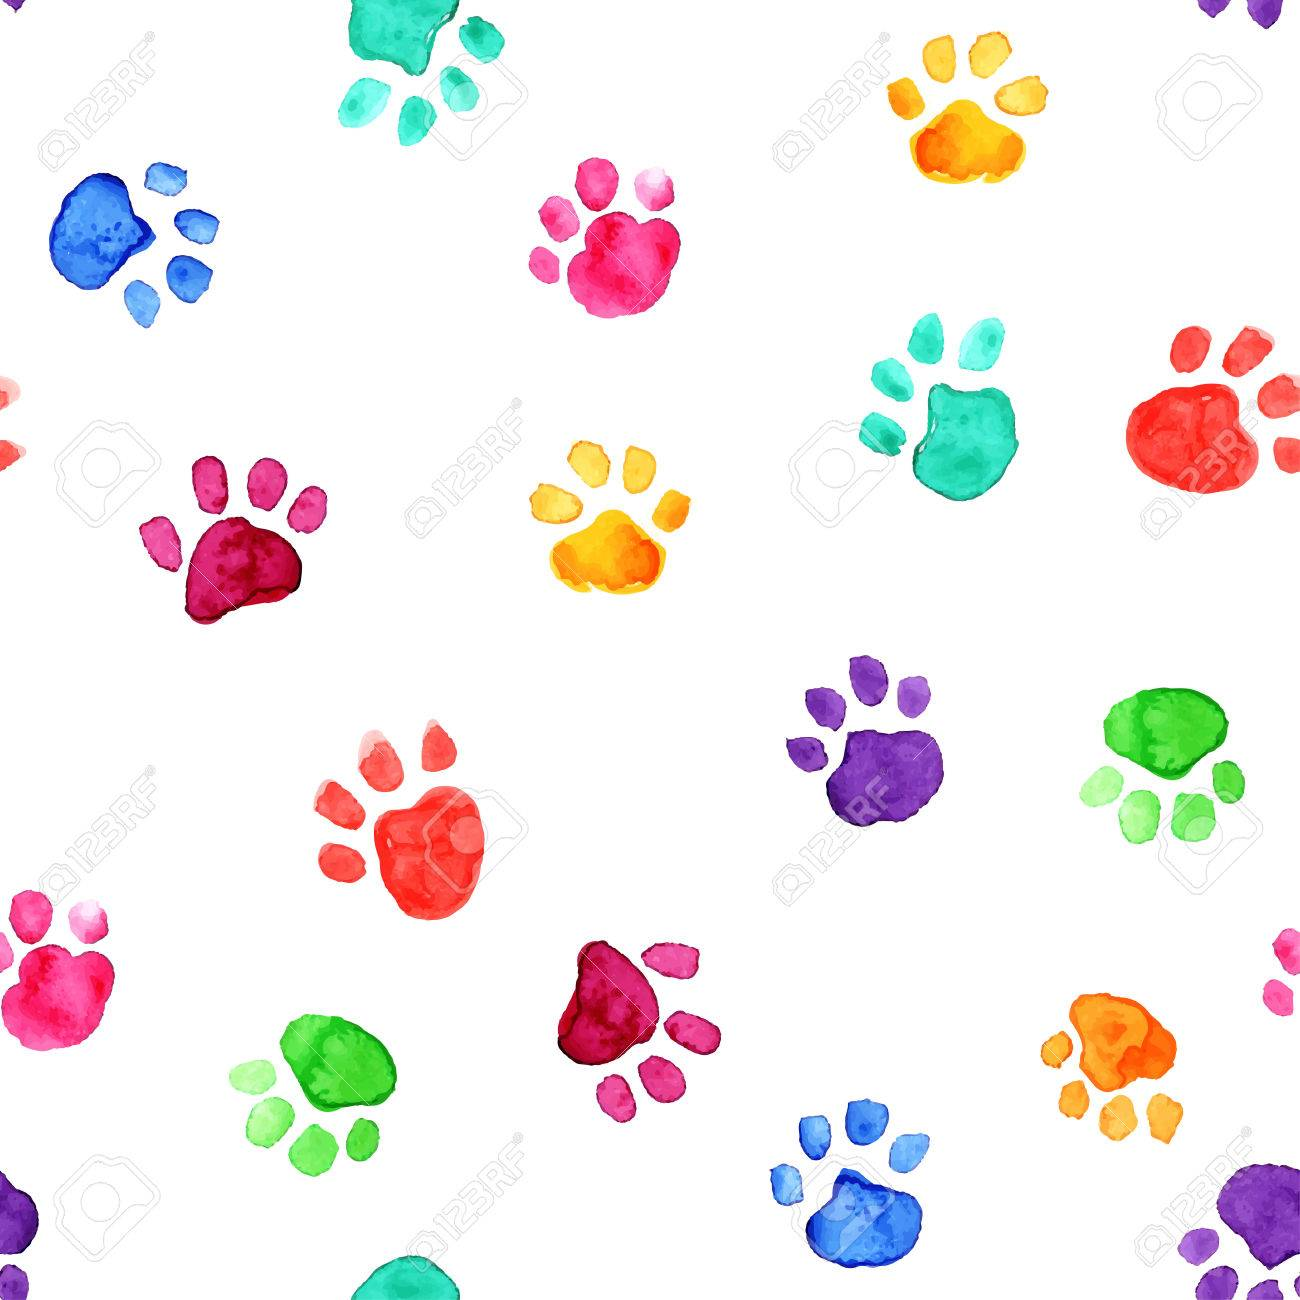 カラフルな手描き水彩イラスト動物の足跡 ロイヤリティフリークリップ